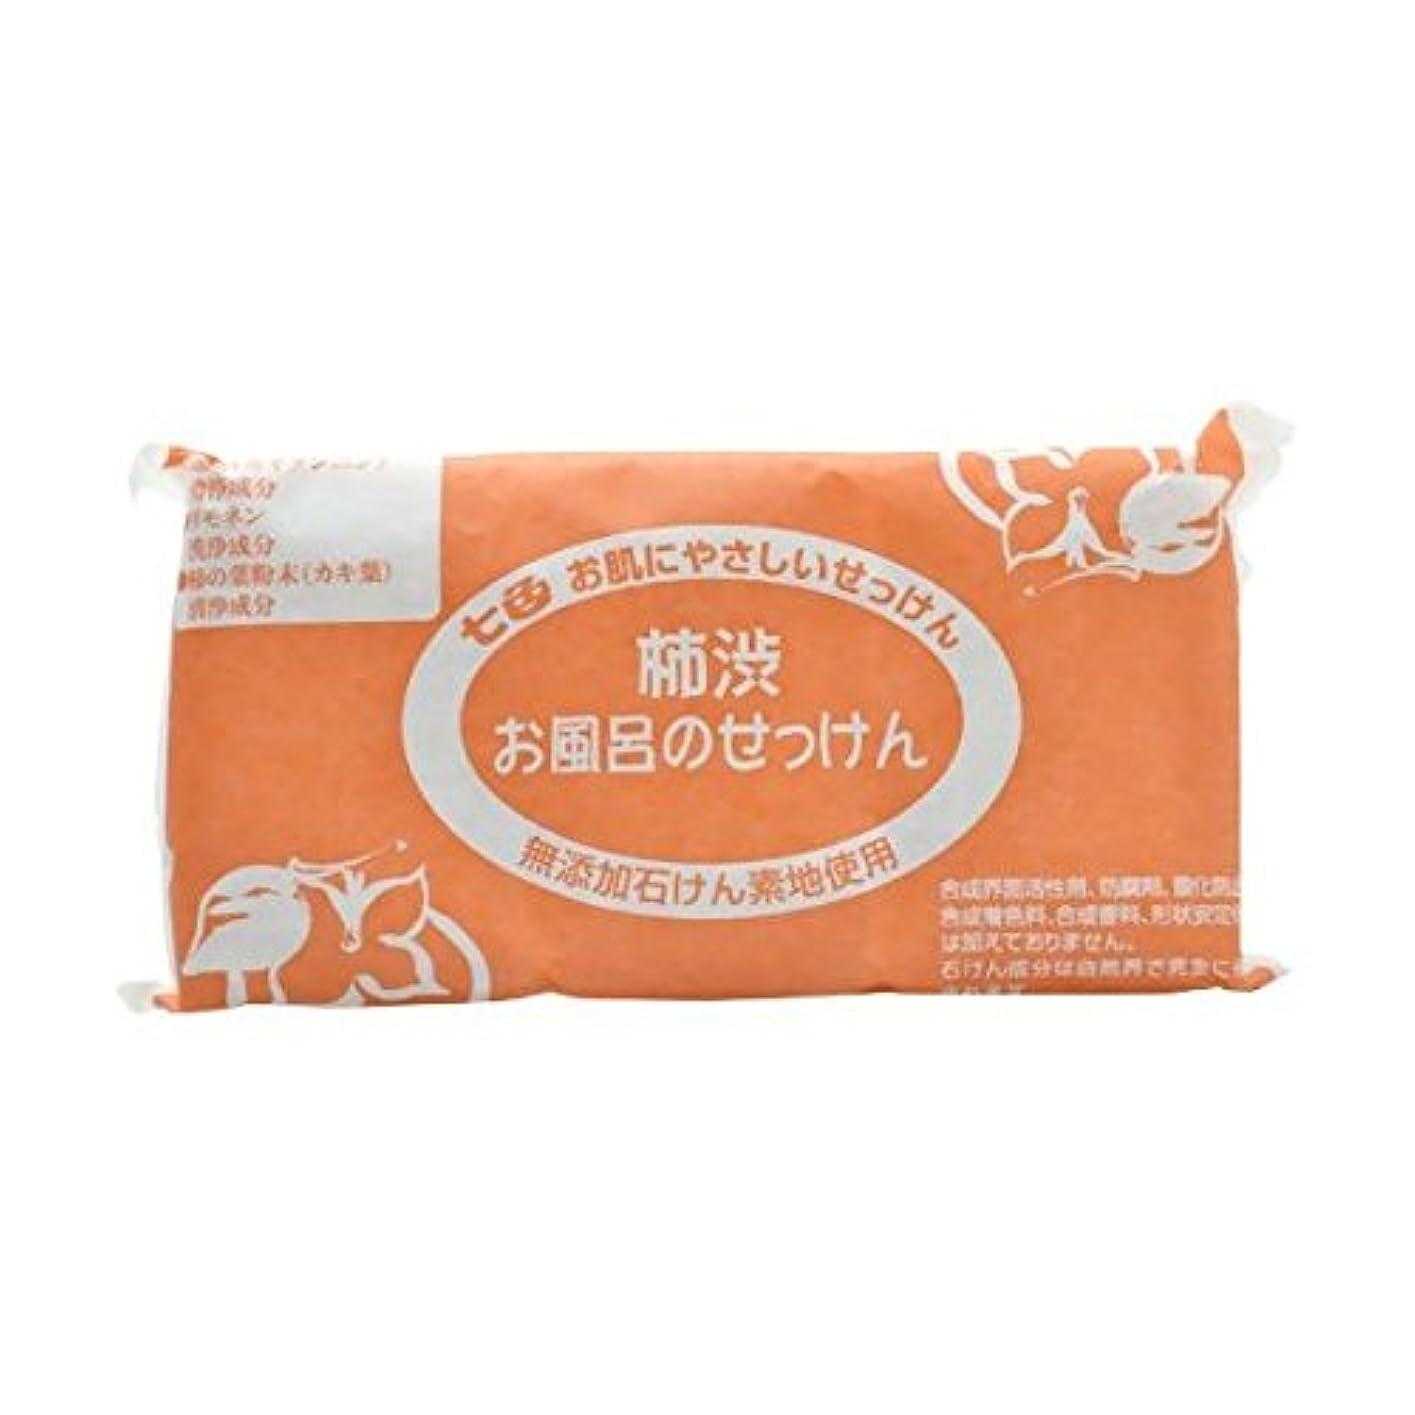 スクリュー季節やりすぎ(まとめ買い)七色 お風呂のせっけん 柿渋(無添加石鹸) 100g×3個入×9セット